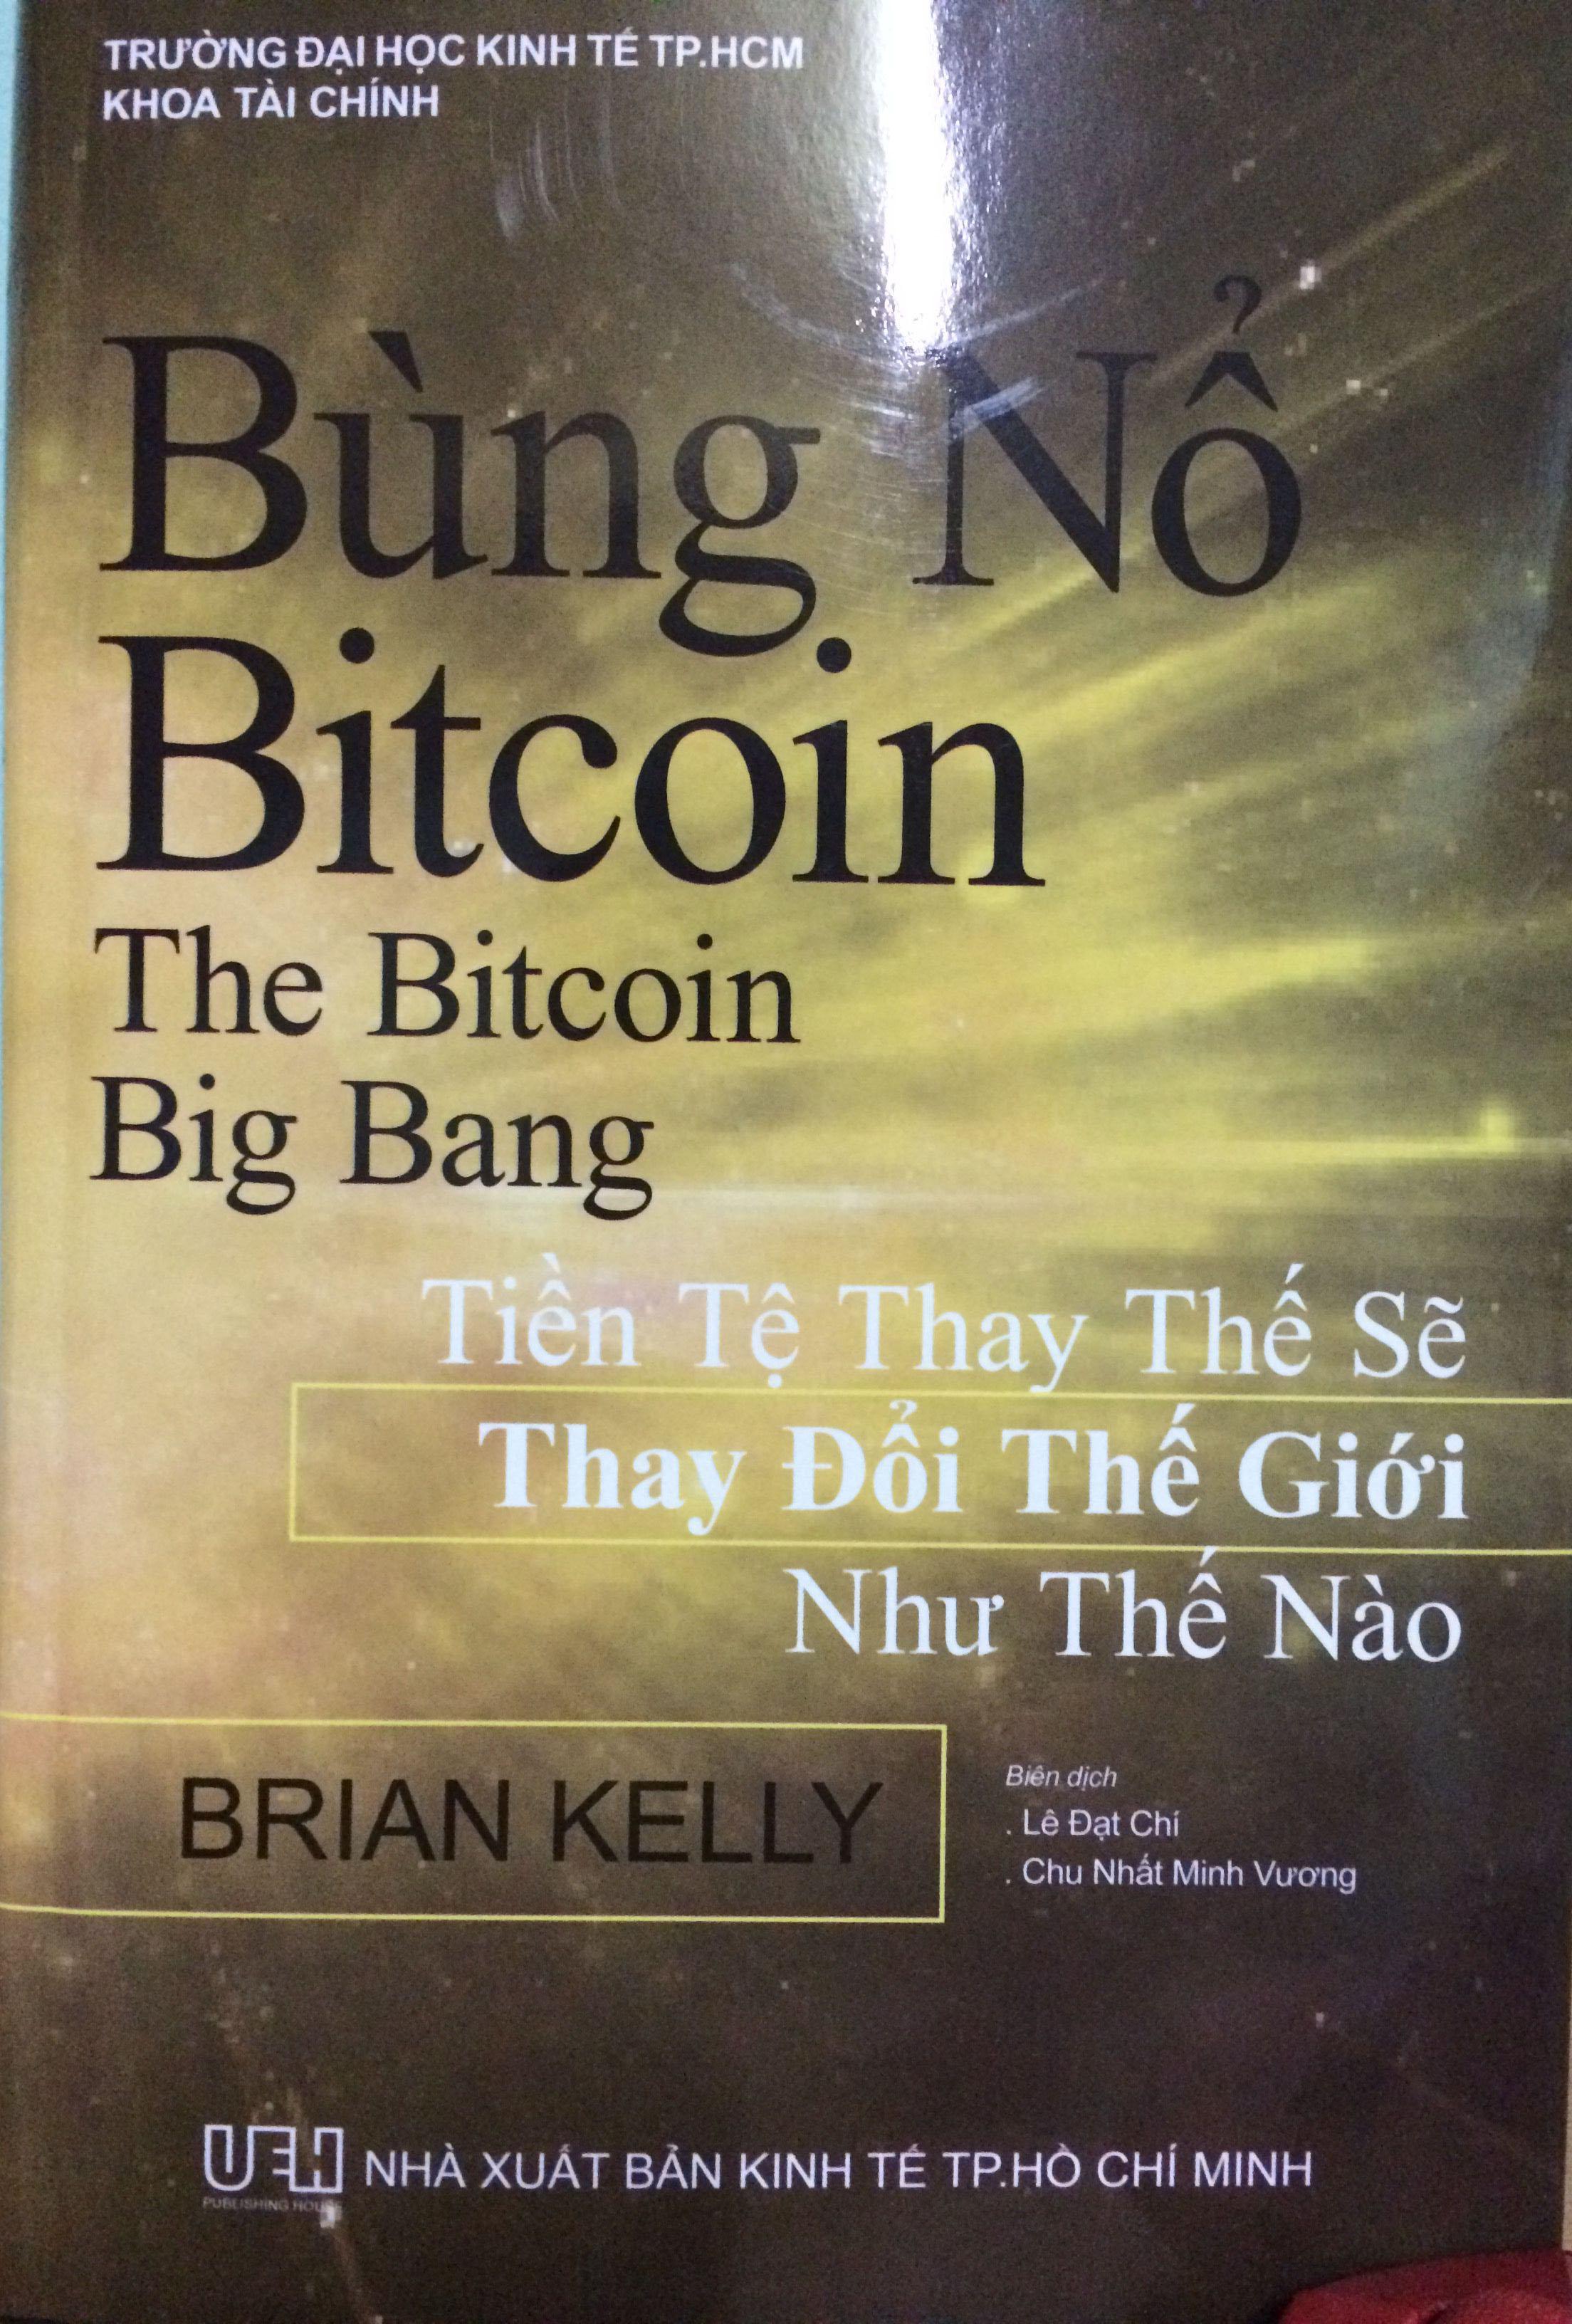 giới thiệu bitcoin và tiền điện tử sẽ thay đổi thế giới như thế nào